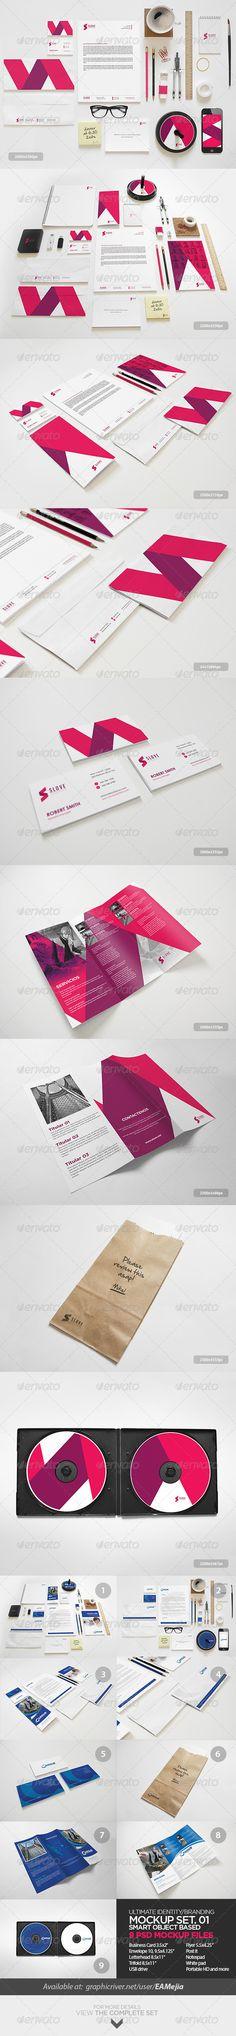 Ultimate Identity / Branding | #stationary #corporate #design #corporatedesign #identity #branding #marketing < repinned by www.BlickeDeeler.de | Take a look at www.LogoGestaltung-Hamburg.de